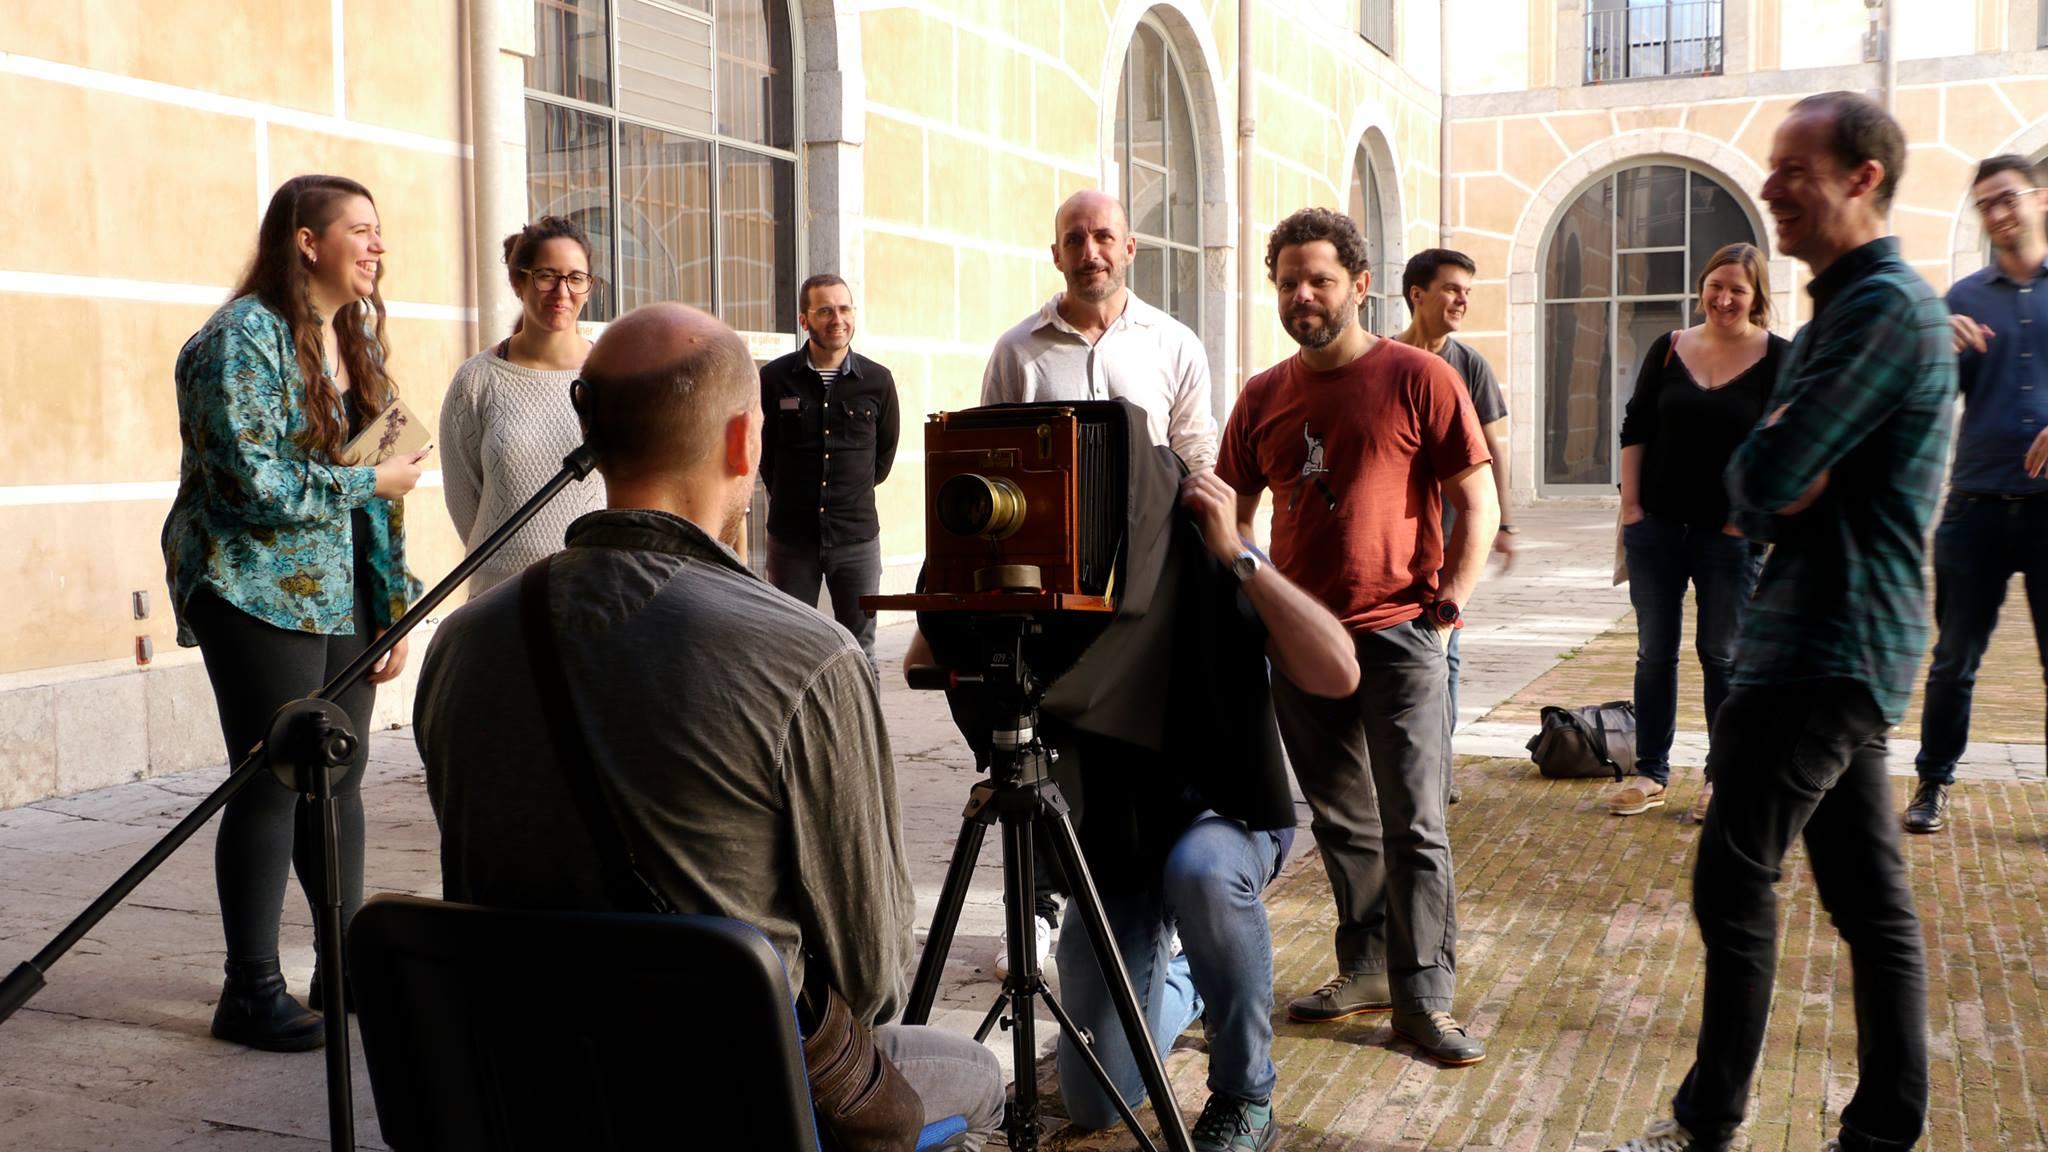 Imatge notícia - INSPAI organitza una jornada de portes obertes i un taller sobre la tècnica fotogràfica del col·lodió humit